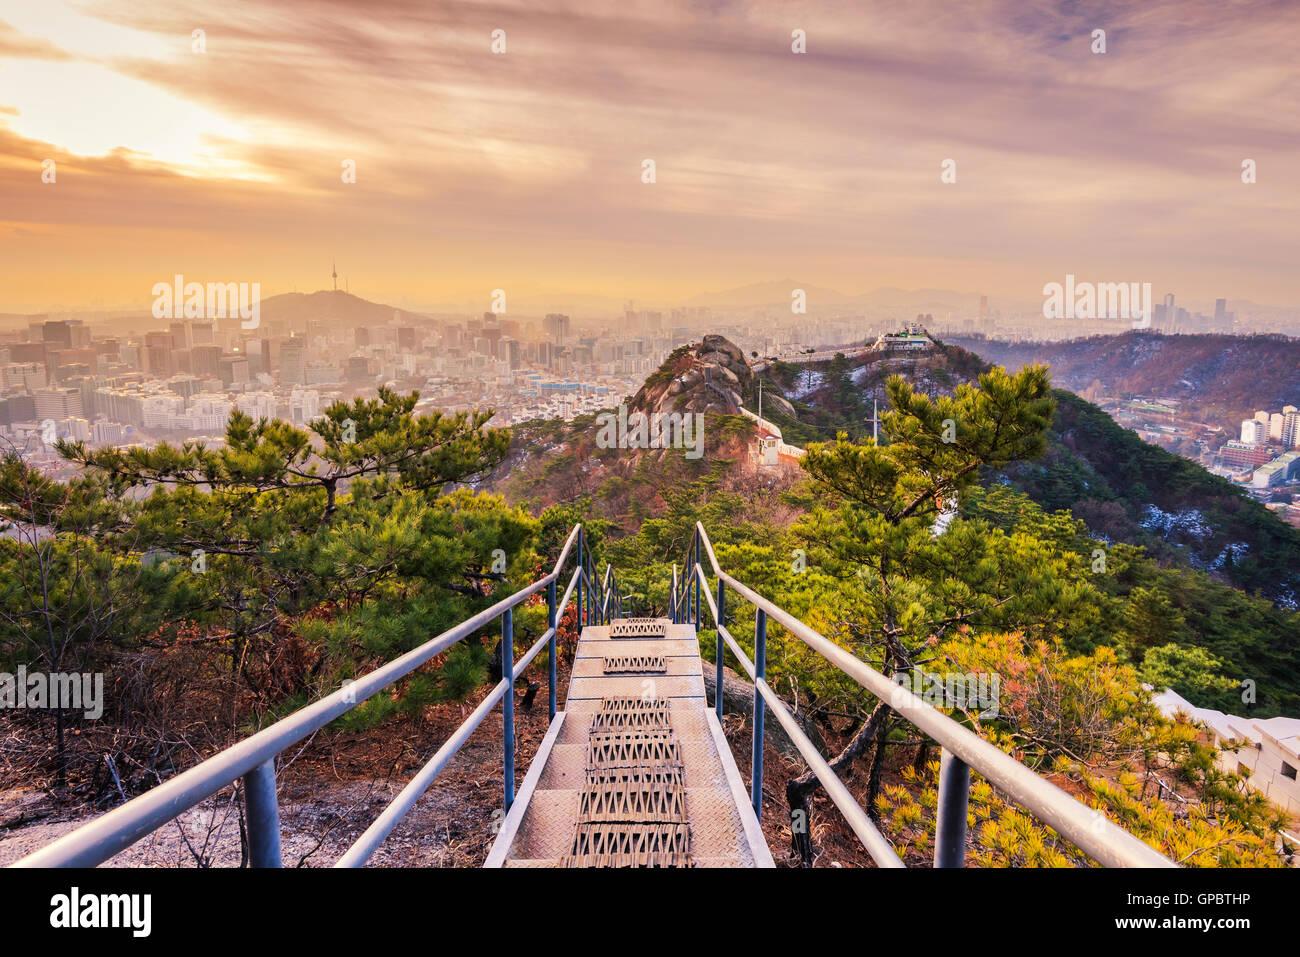 sun rises over of Seoul City,South Korea. - Stock Image